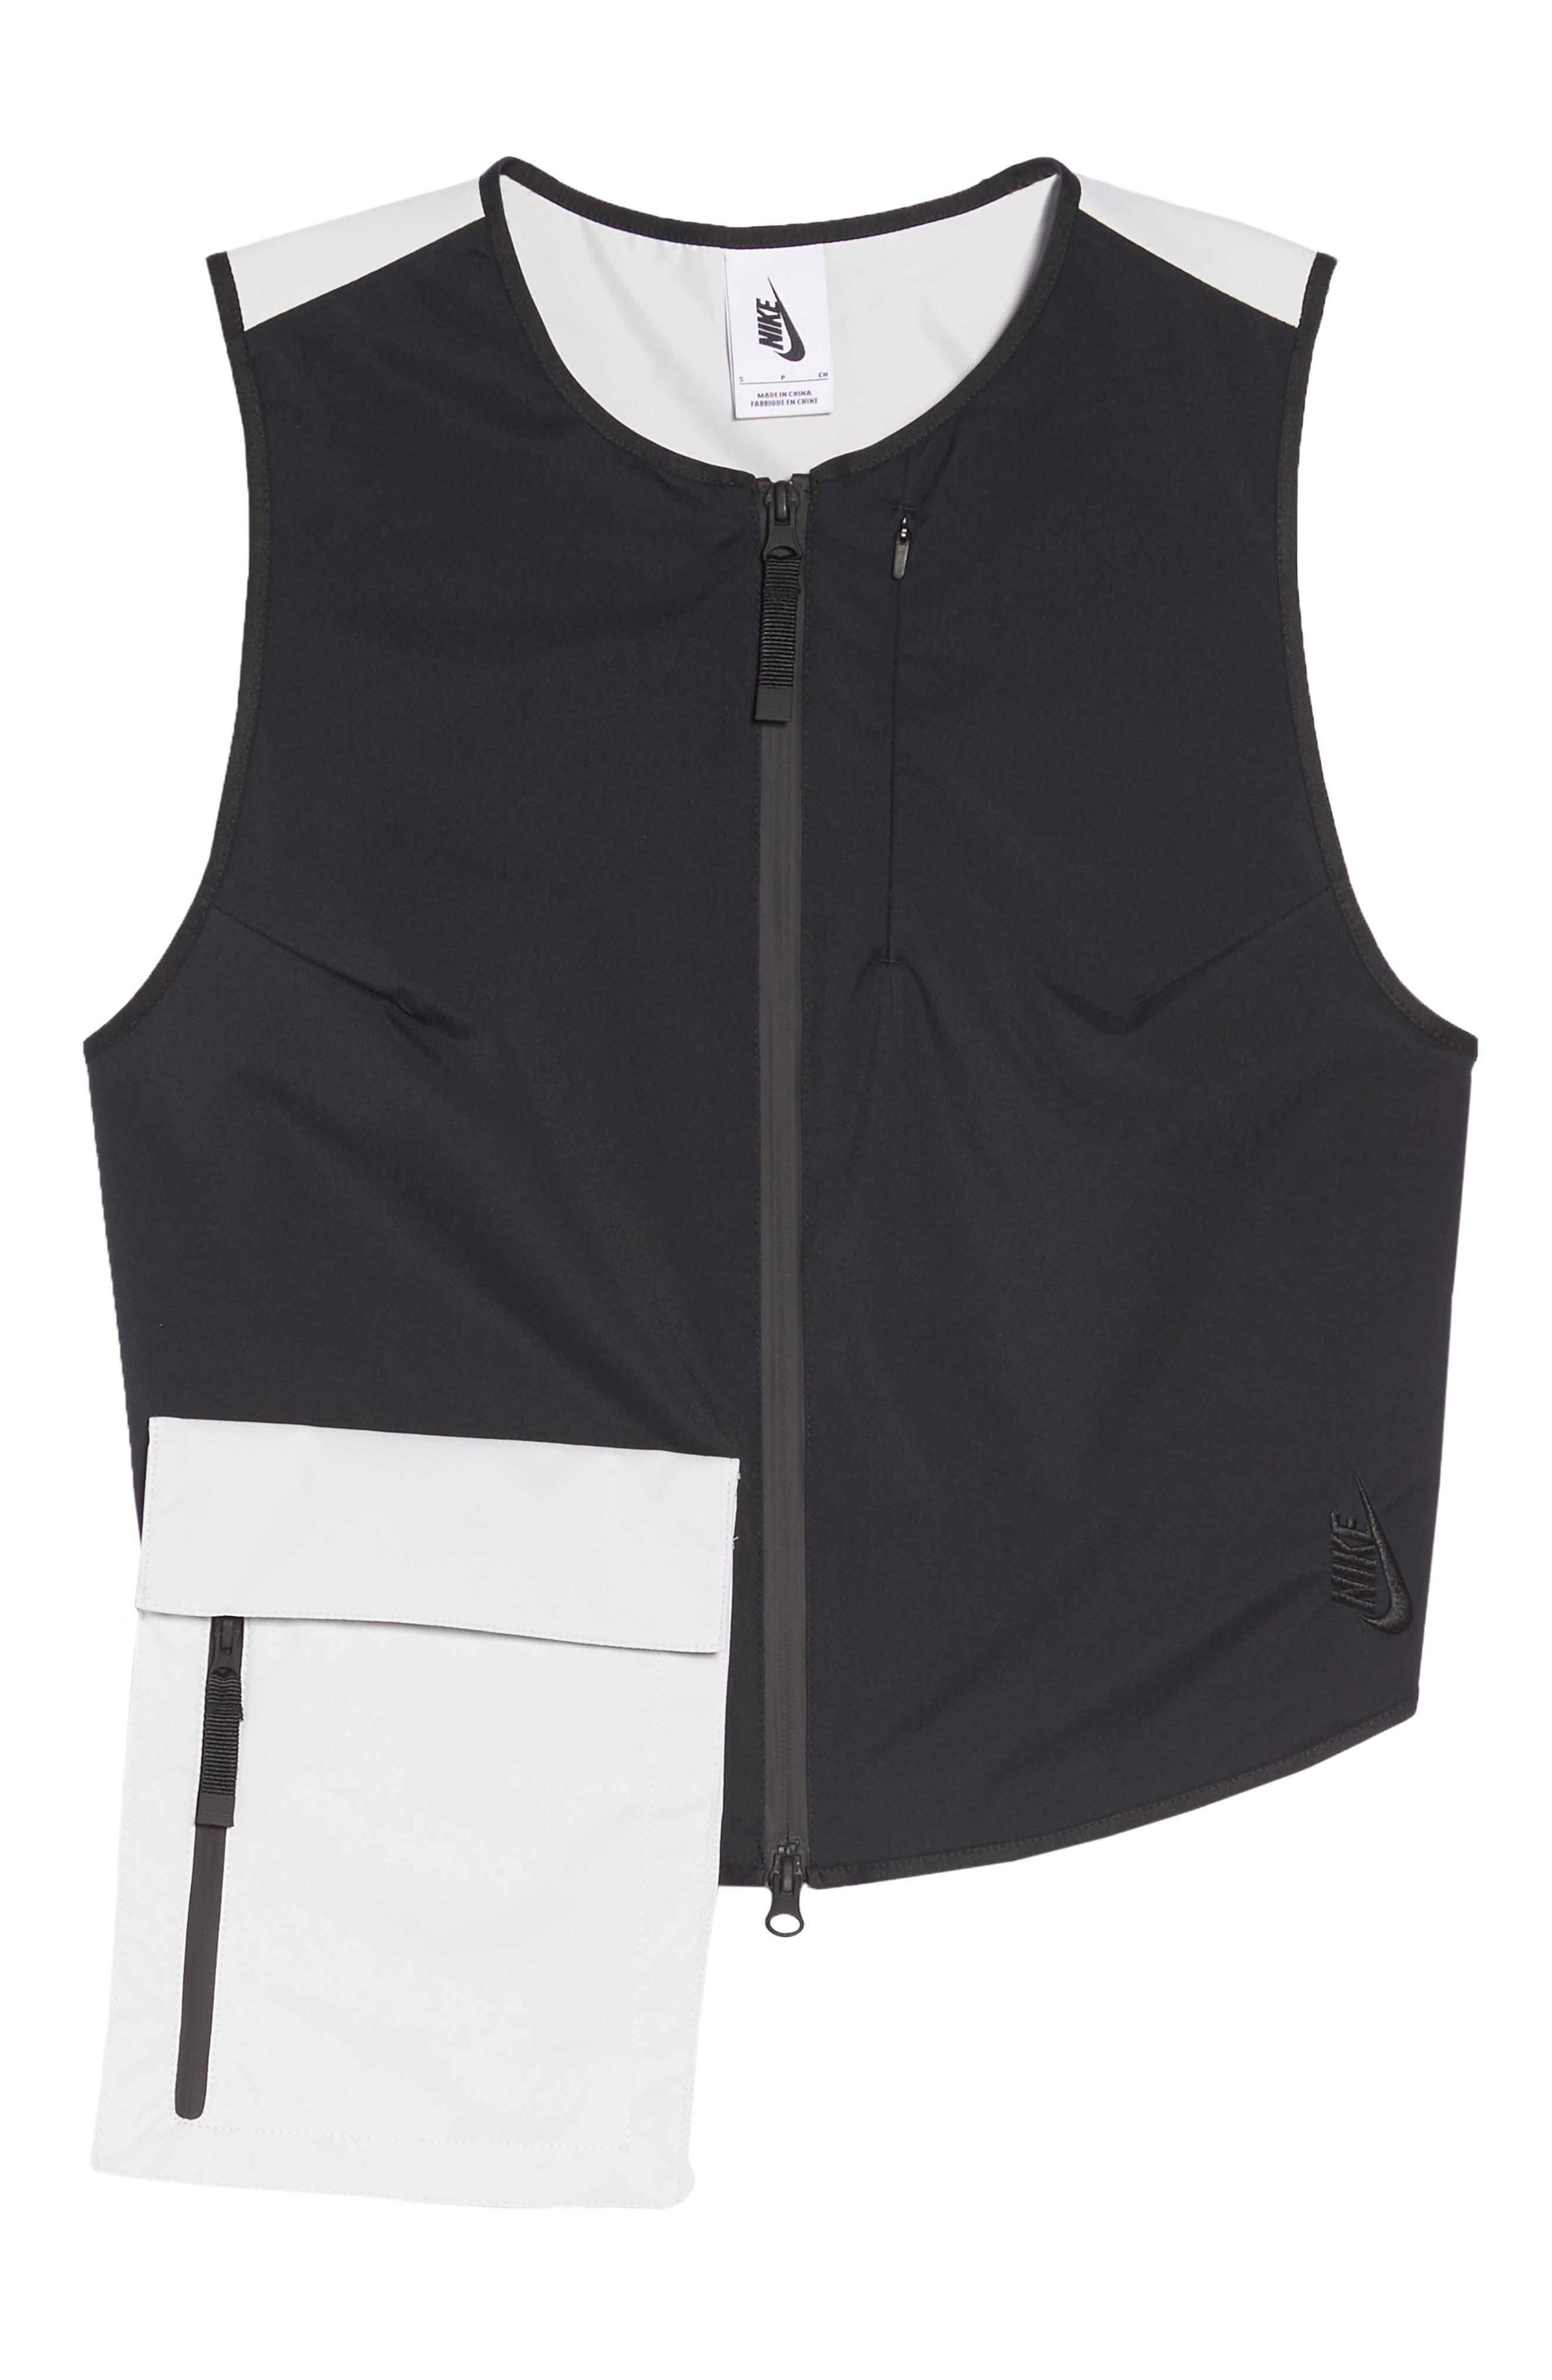 NRG Women's Utility Vest,                             Alternate thumbnail 6, color,                             BLACK/ VAPOR GREEN/ BLACK